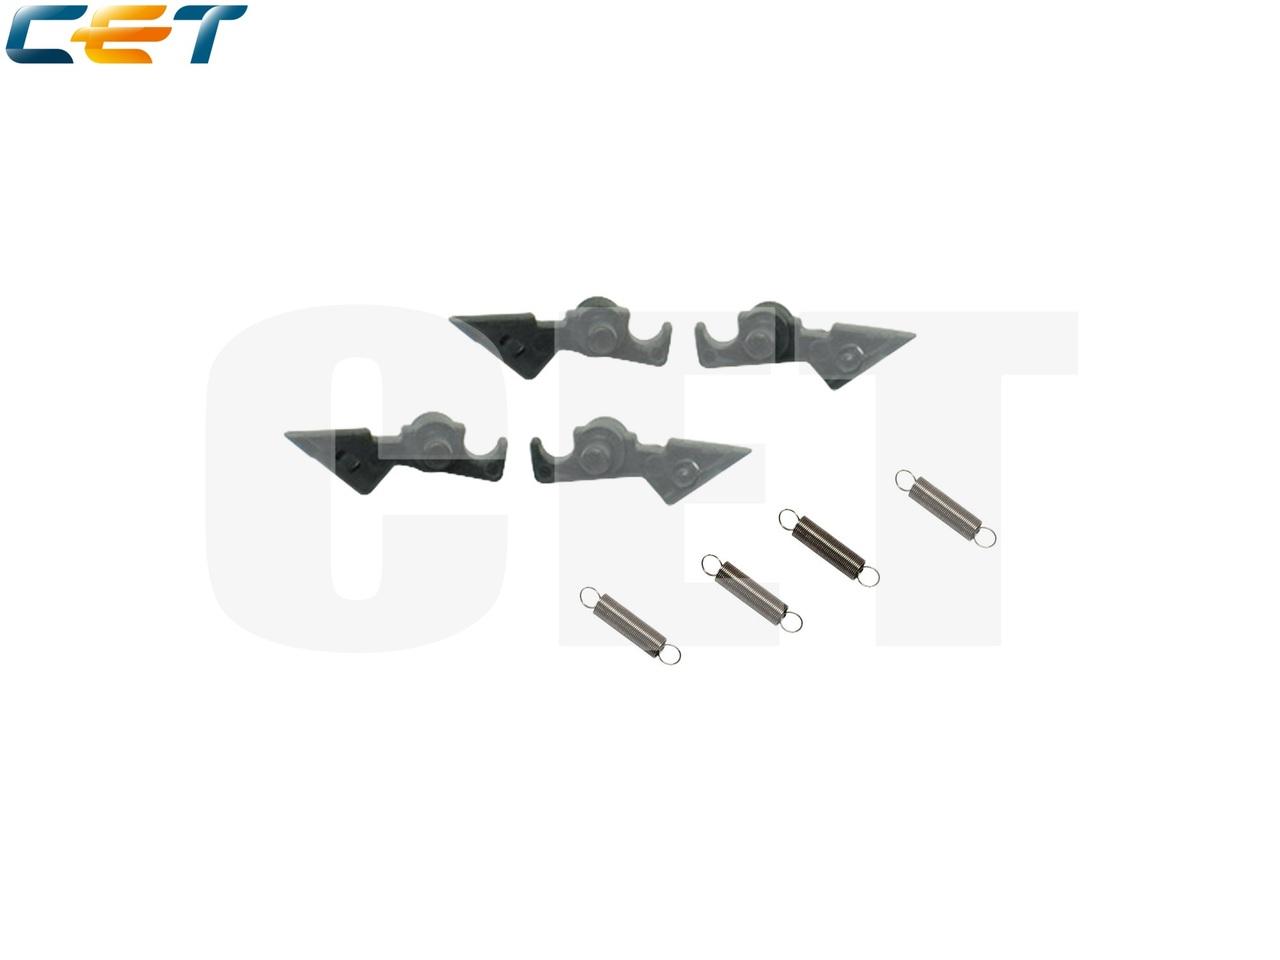 Сепаратор тефлонового вала с пружиной PTME0020GCZ1 дляSHARP AR-162/163/164 (CET), CET7673